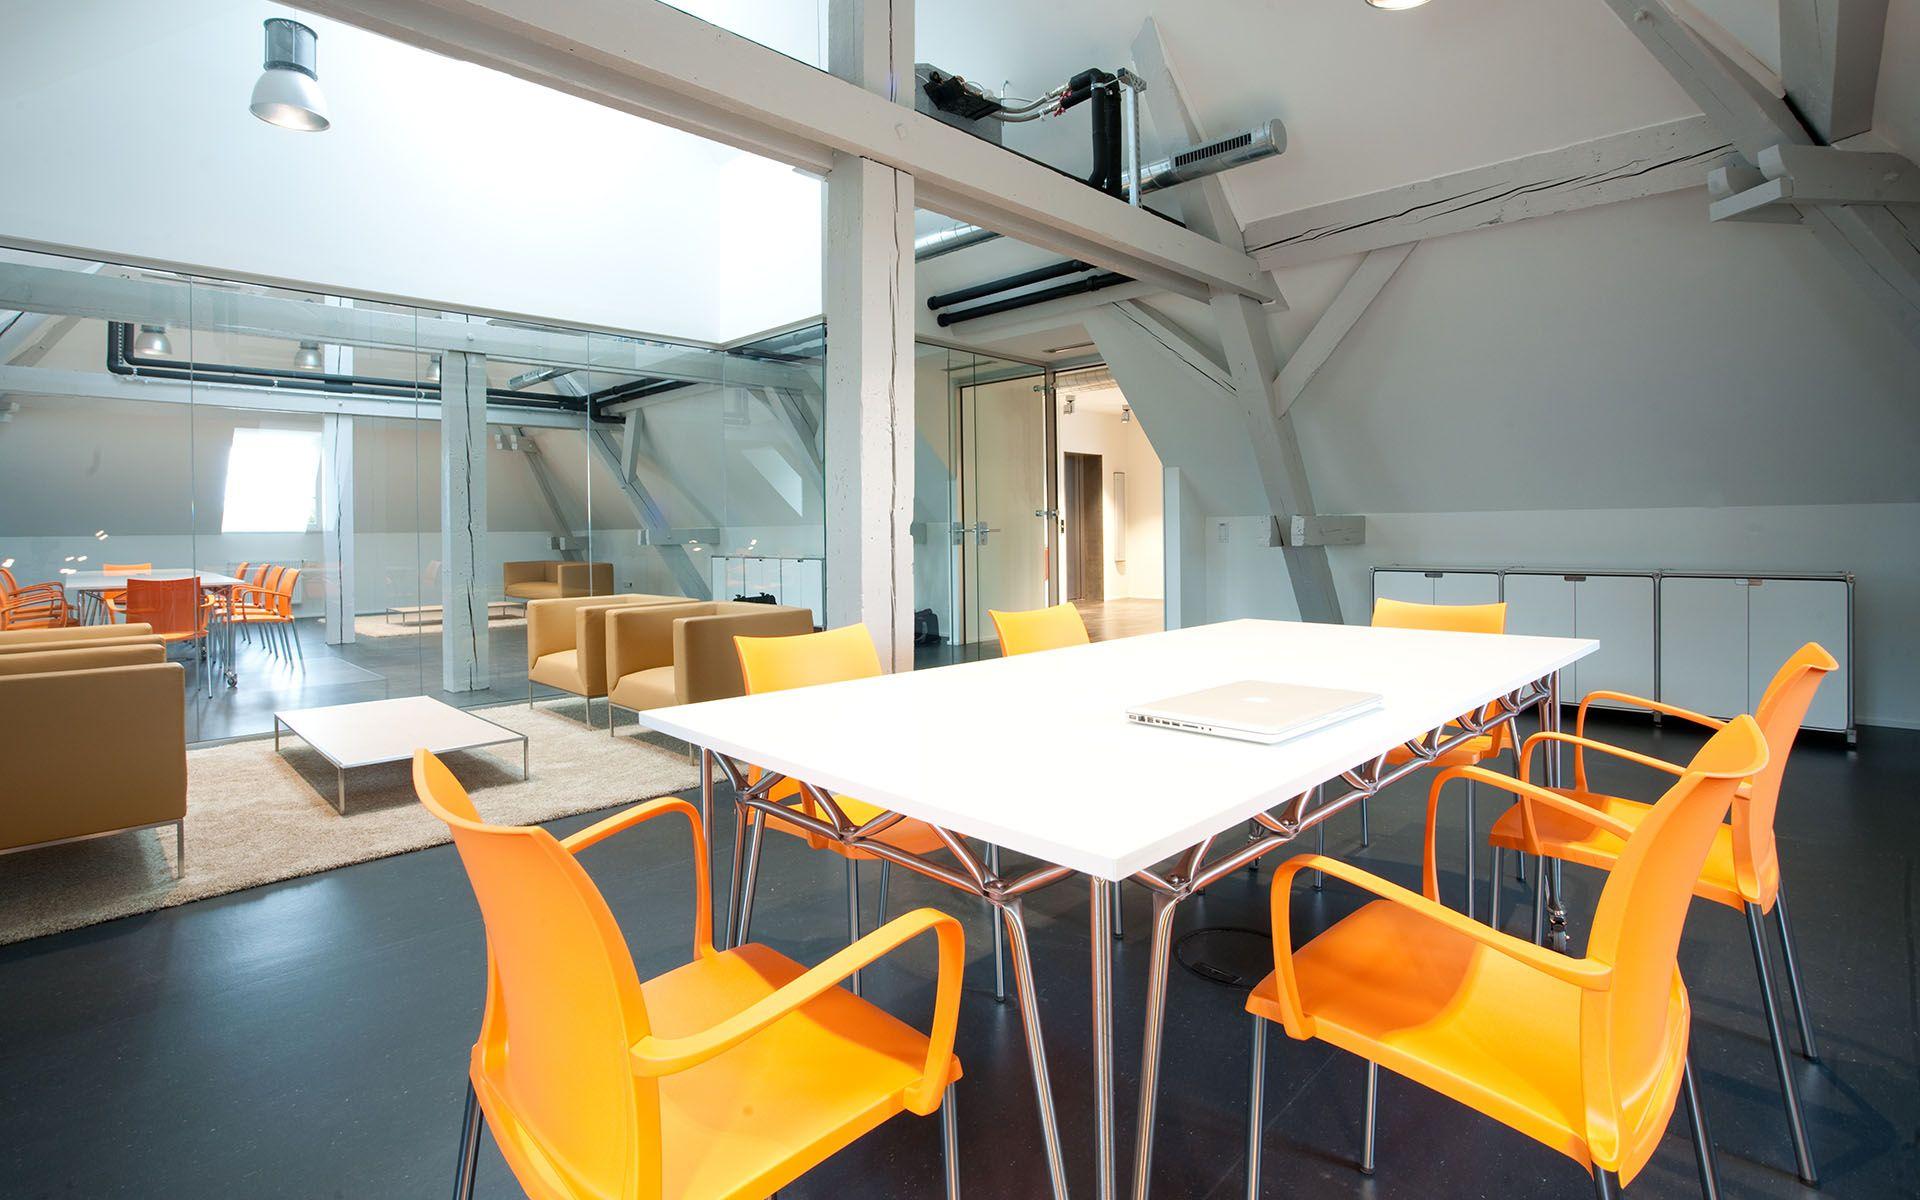 Modulare Büromöbel I Design Möbelbausystem für Grossraumbüros I ...